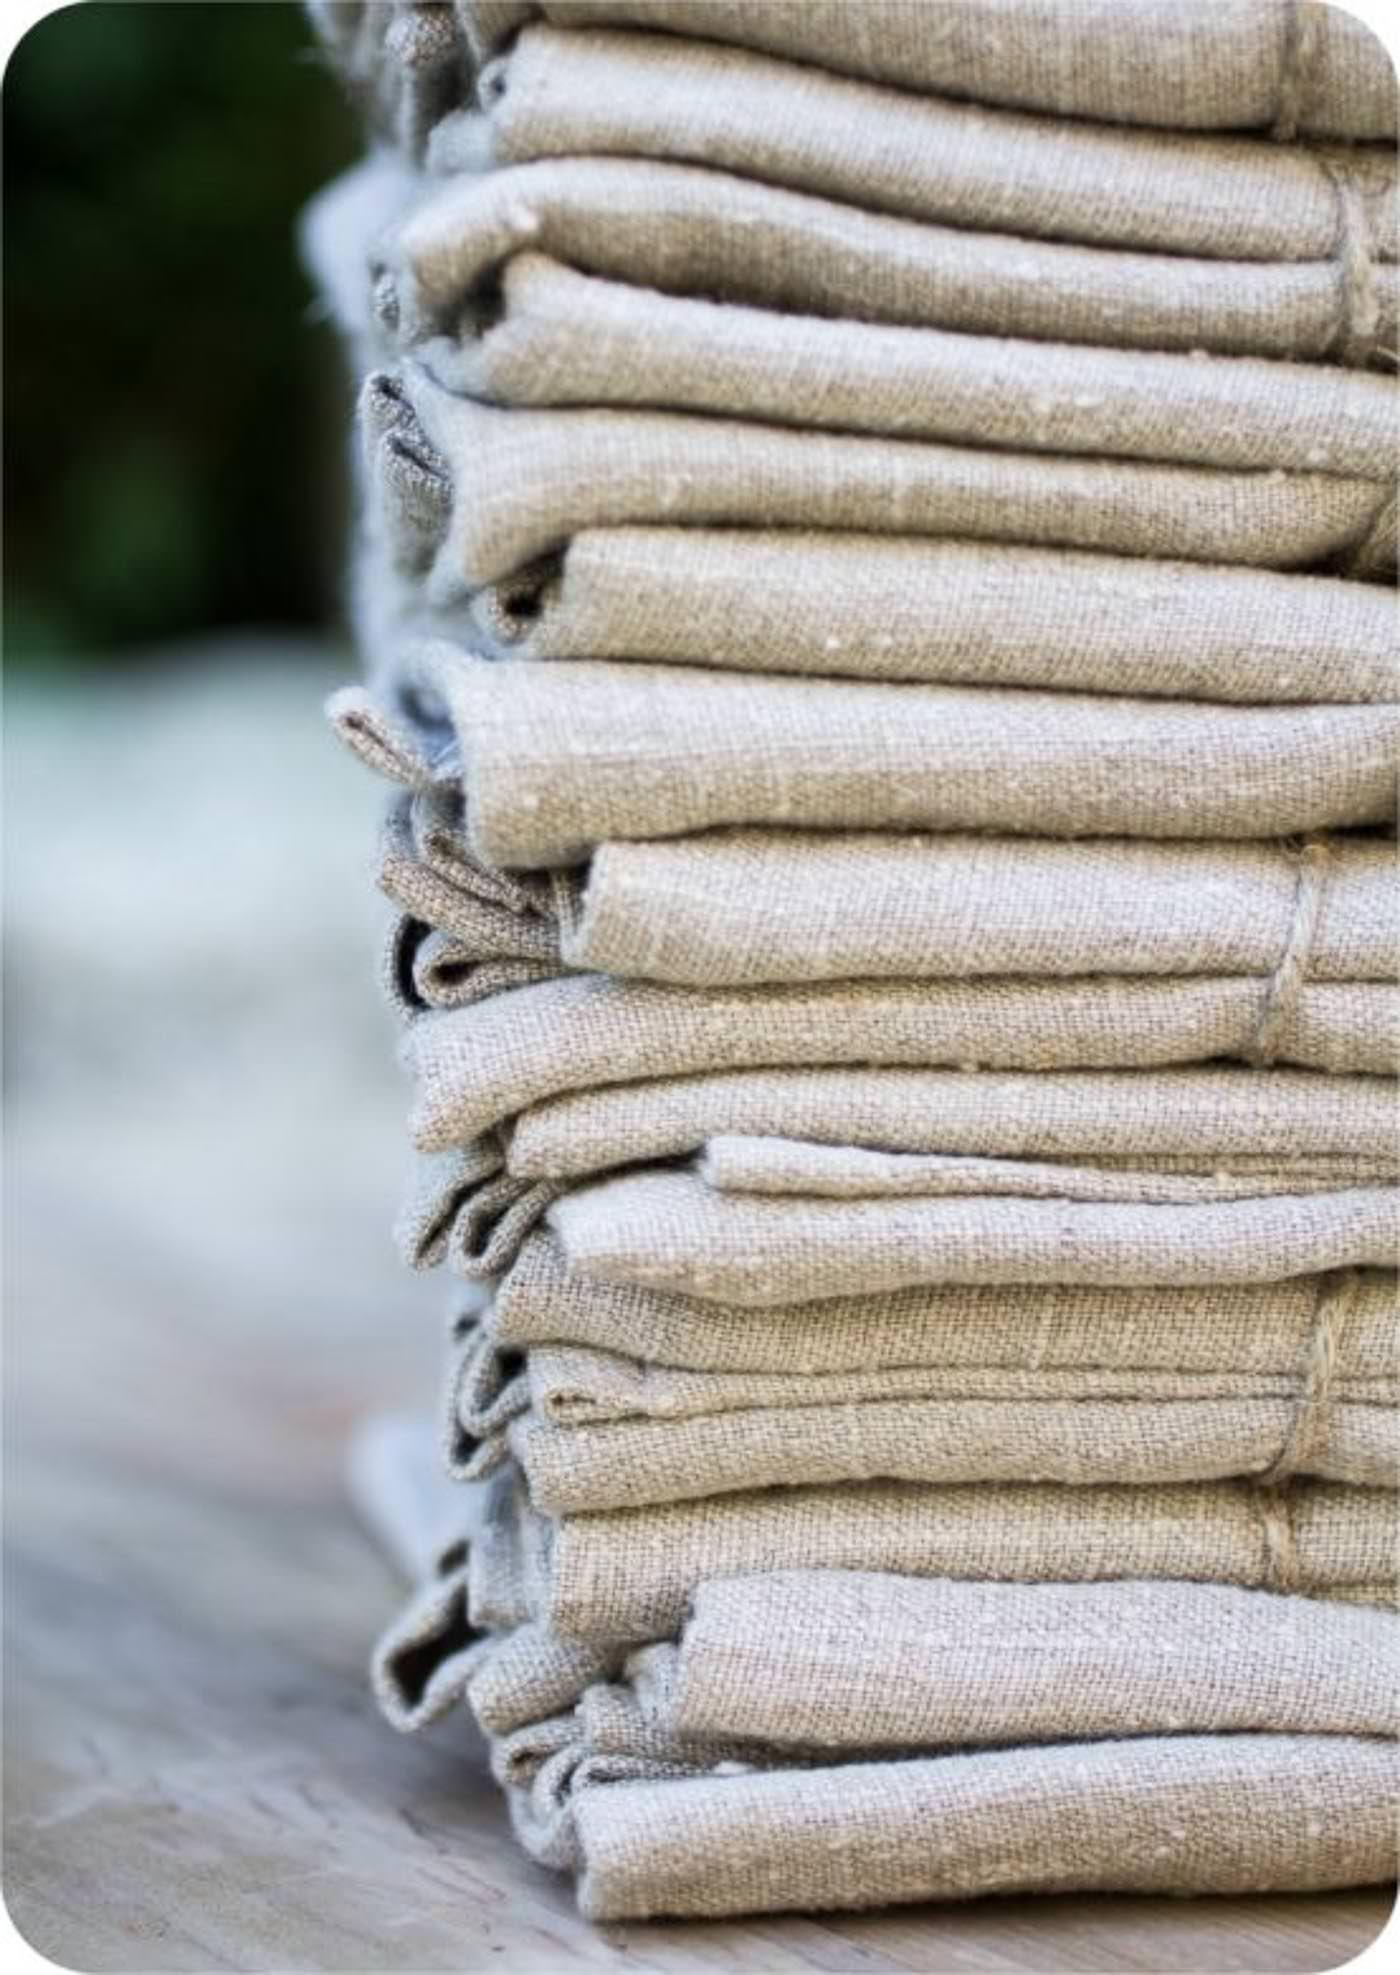 b ckerleinen brauchst du f r viele brot rezepte im brot blog brot f hlt sich darin wohl. Black Bedroom Furniture Sets. Home Design Ideas